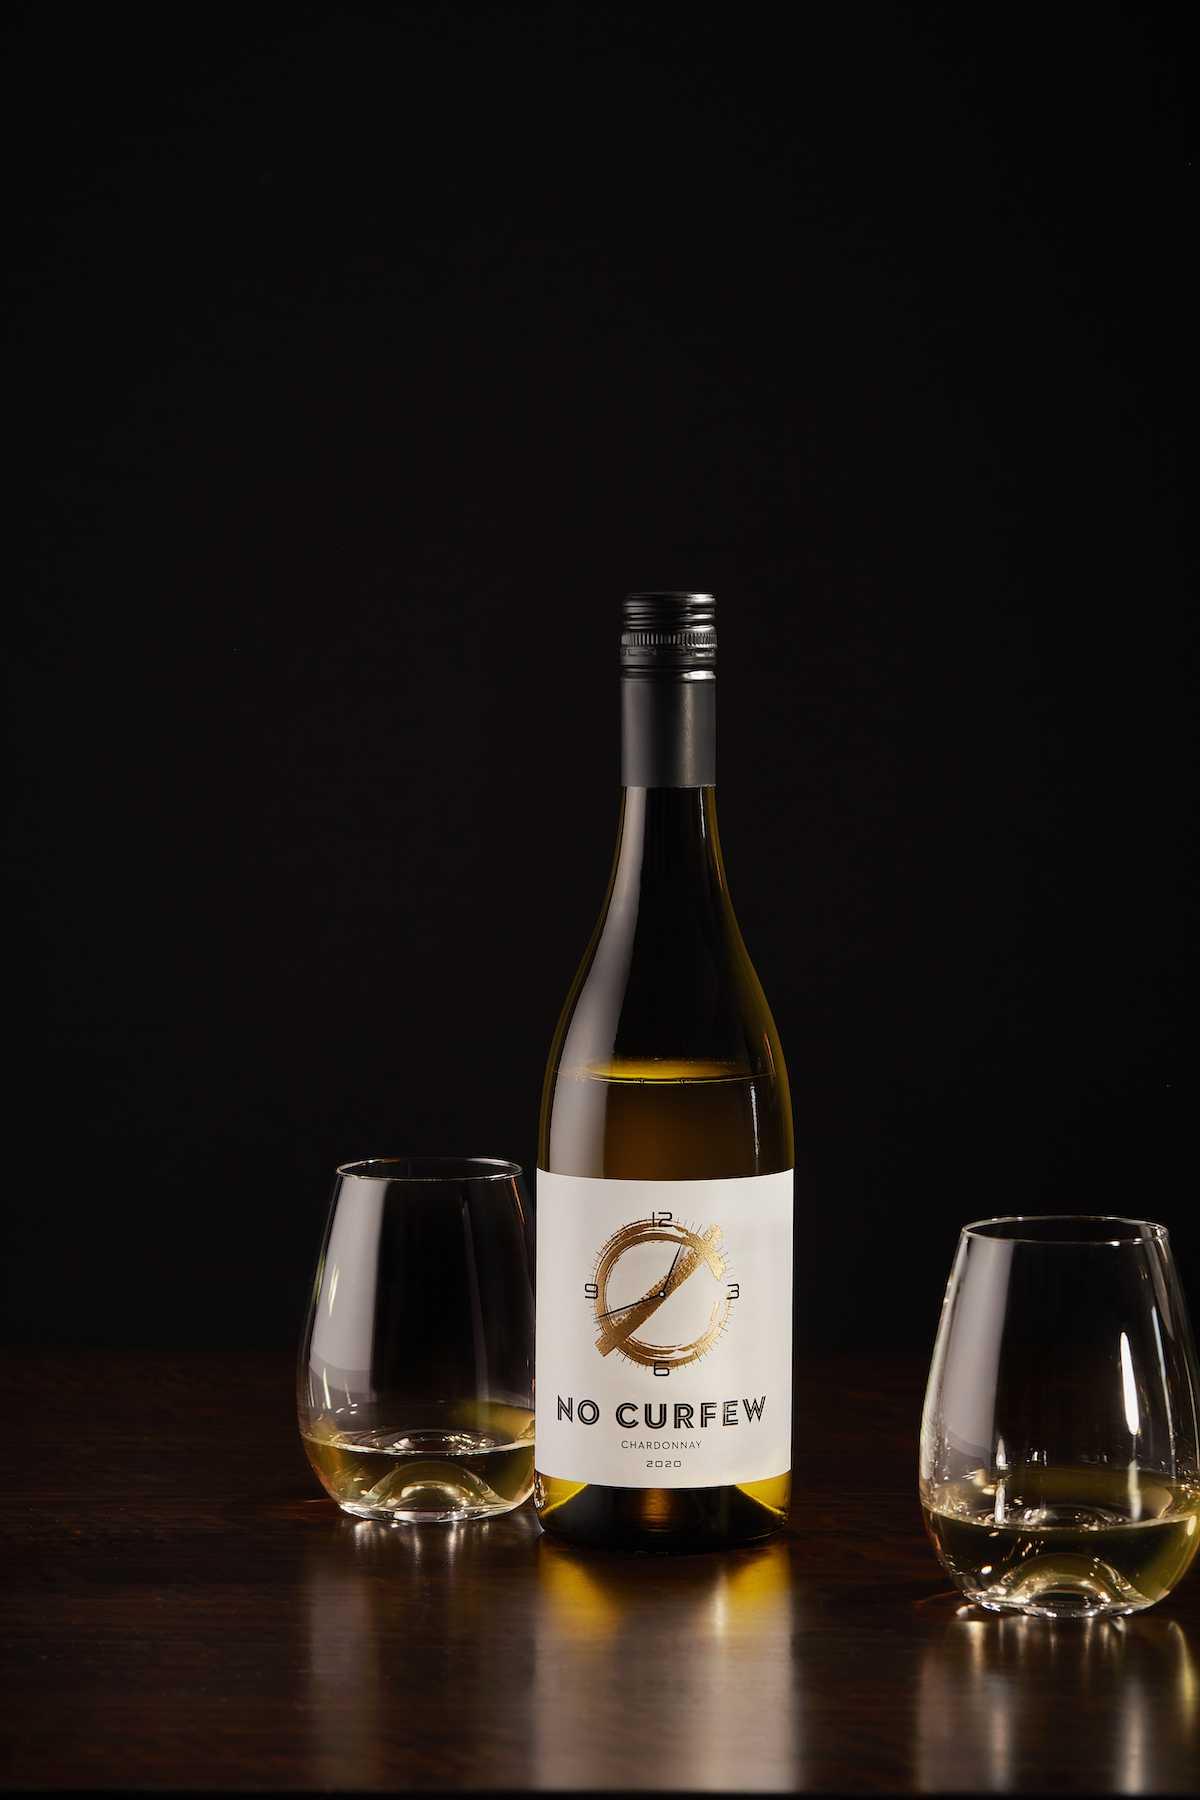 No Curfew Chardonnay